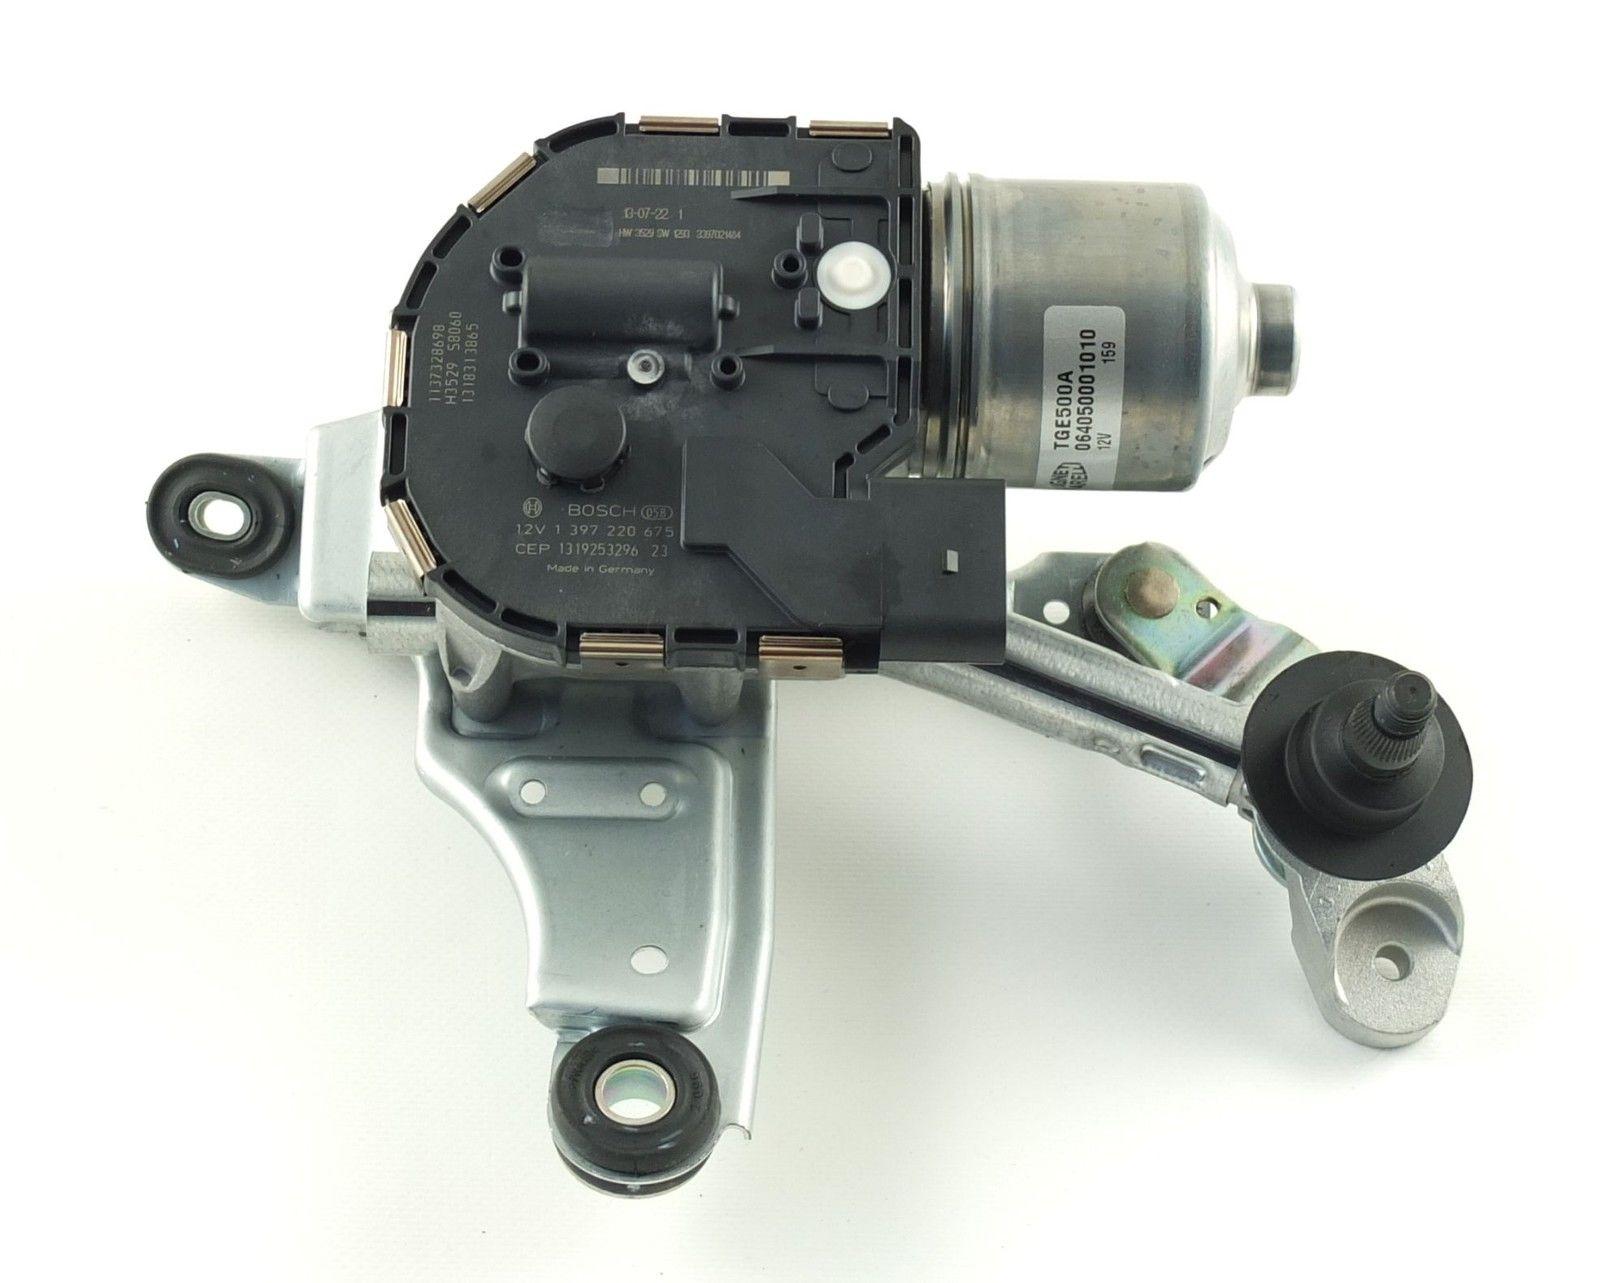 Mecanism stergatoare parbriz Ford Galaxy (Wa6), S-Max (Wa6) Magneti Marelli 064050001010, parte montare : Punte Fata, Stanga